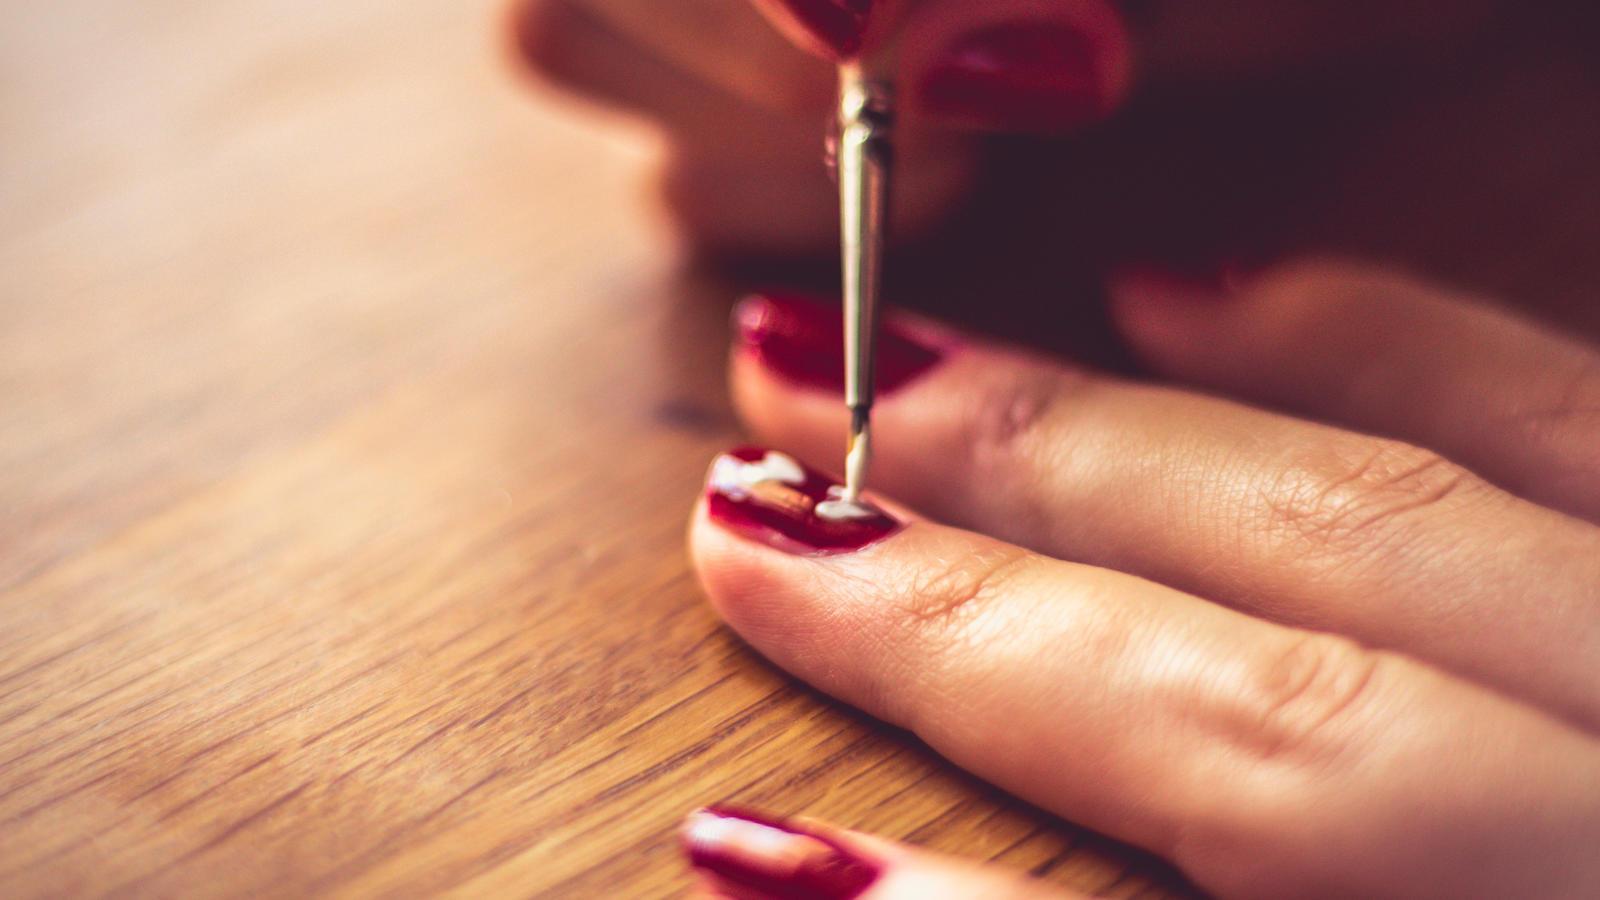 Der Koffein-Nagellack soll sogar gut für unsere Nägel sein.